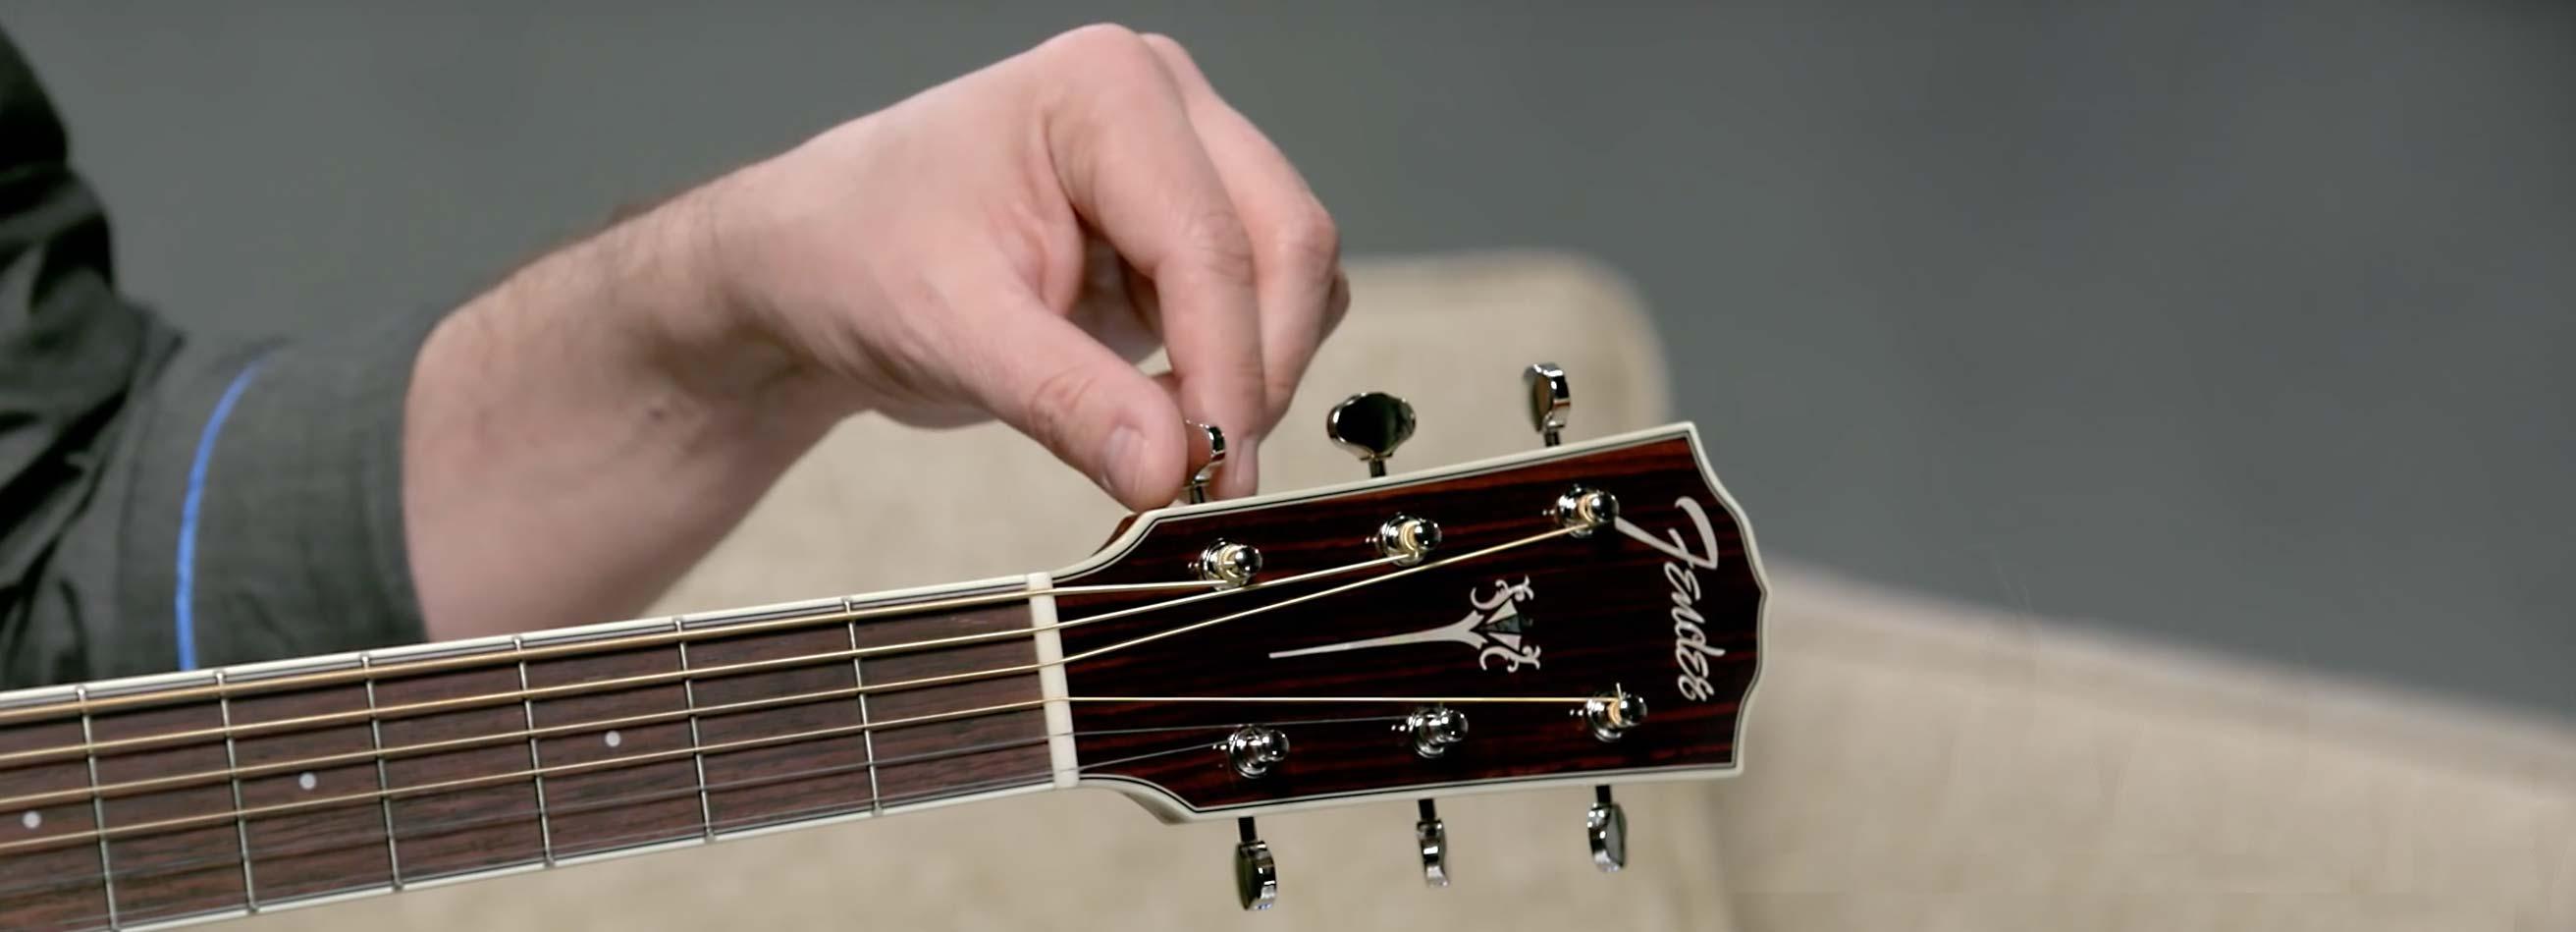 stemme guitar tuner